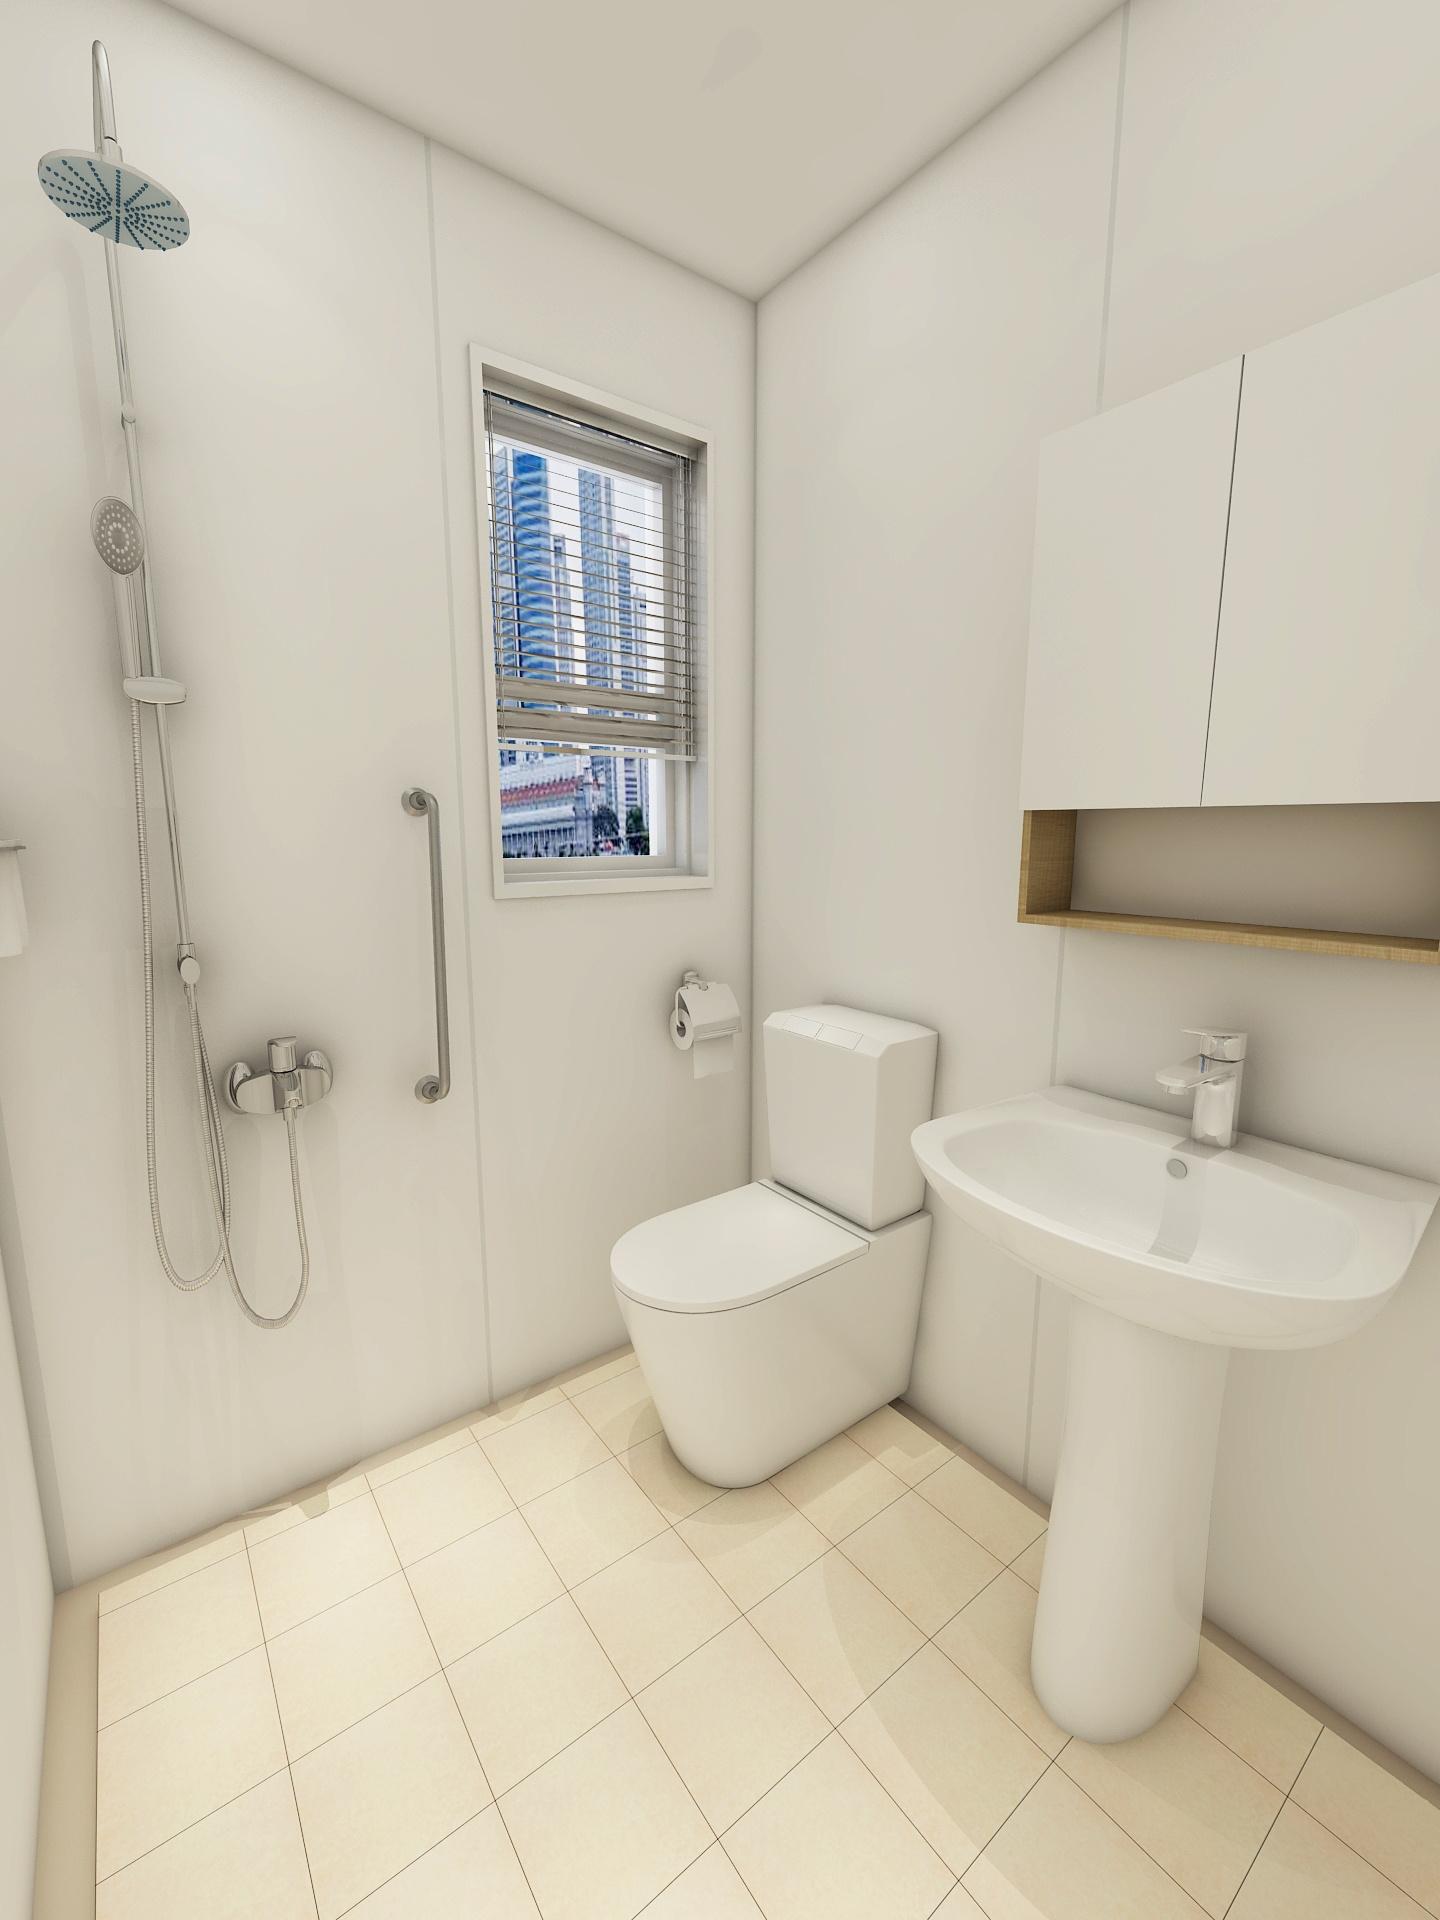 China Prefab Bathroom Shower With Toilet, Modular Bathroom Designs